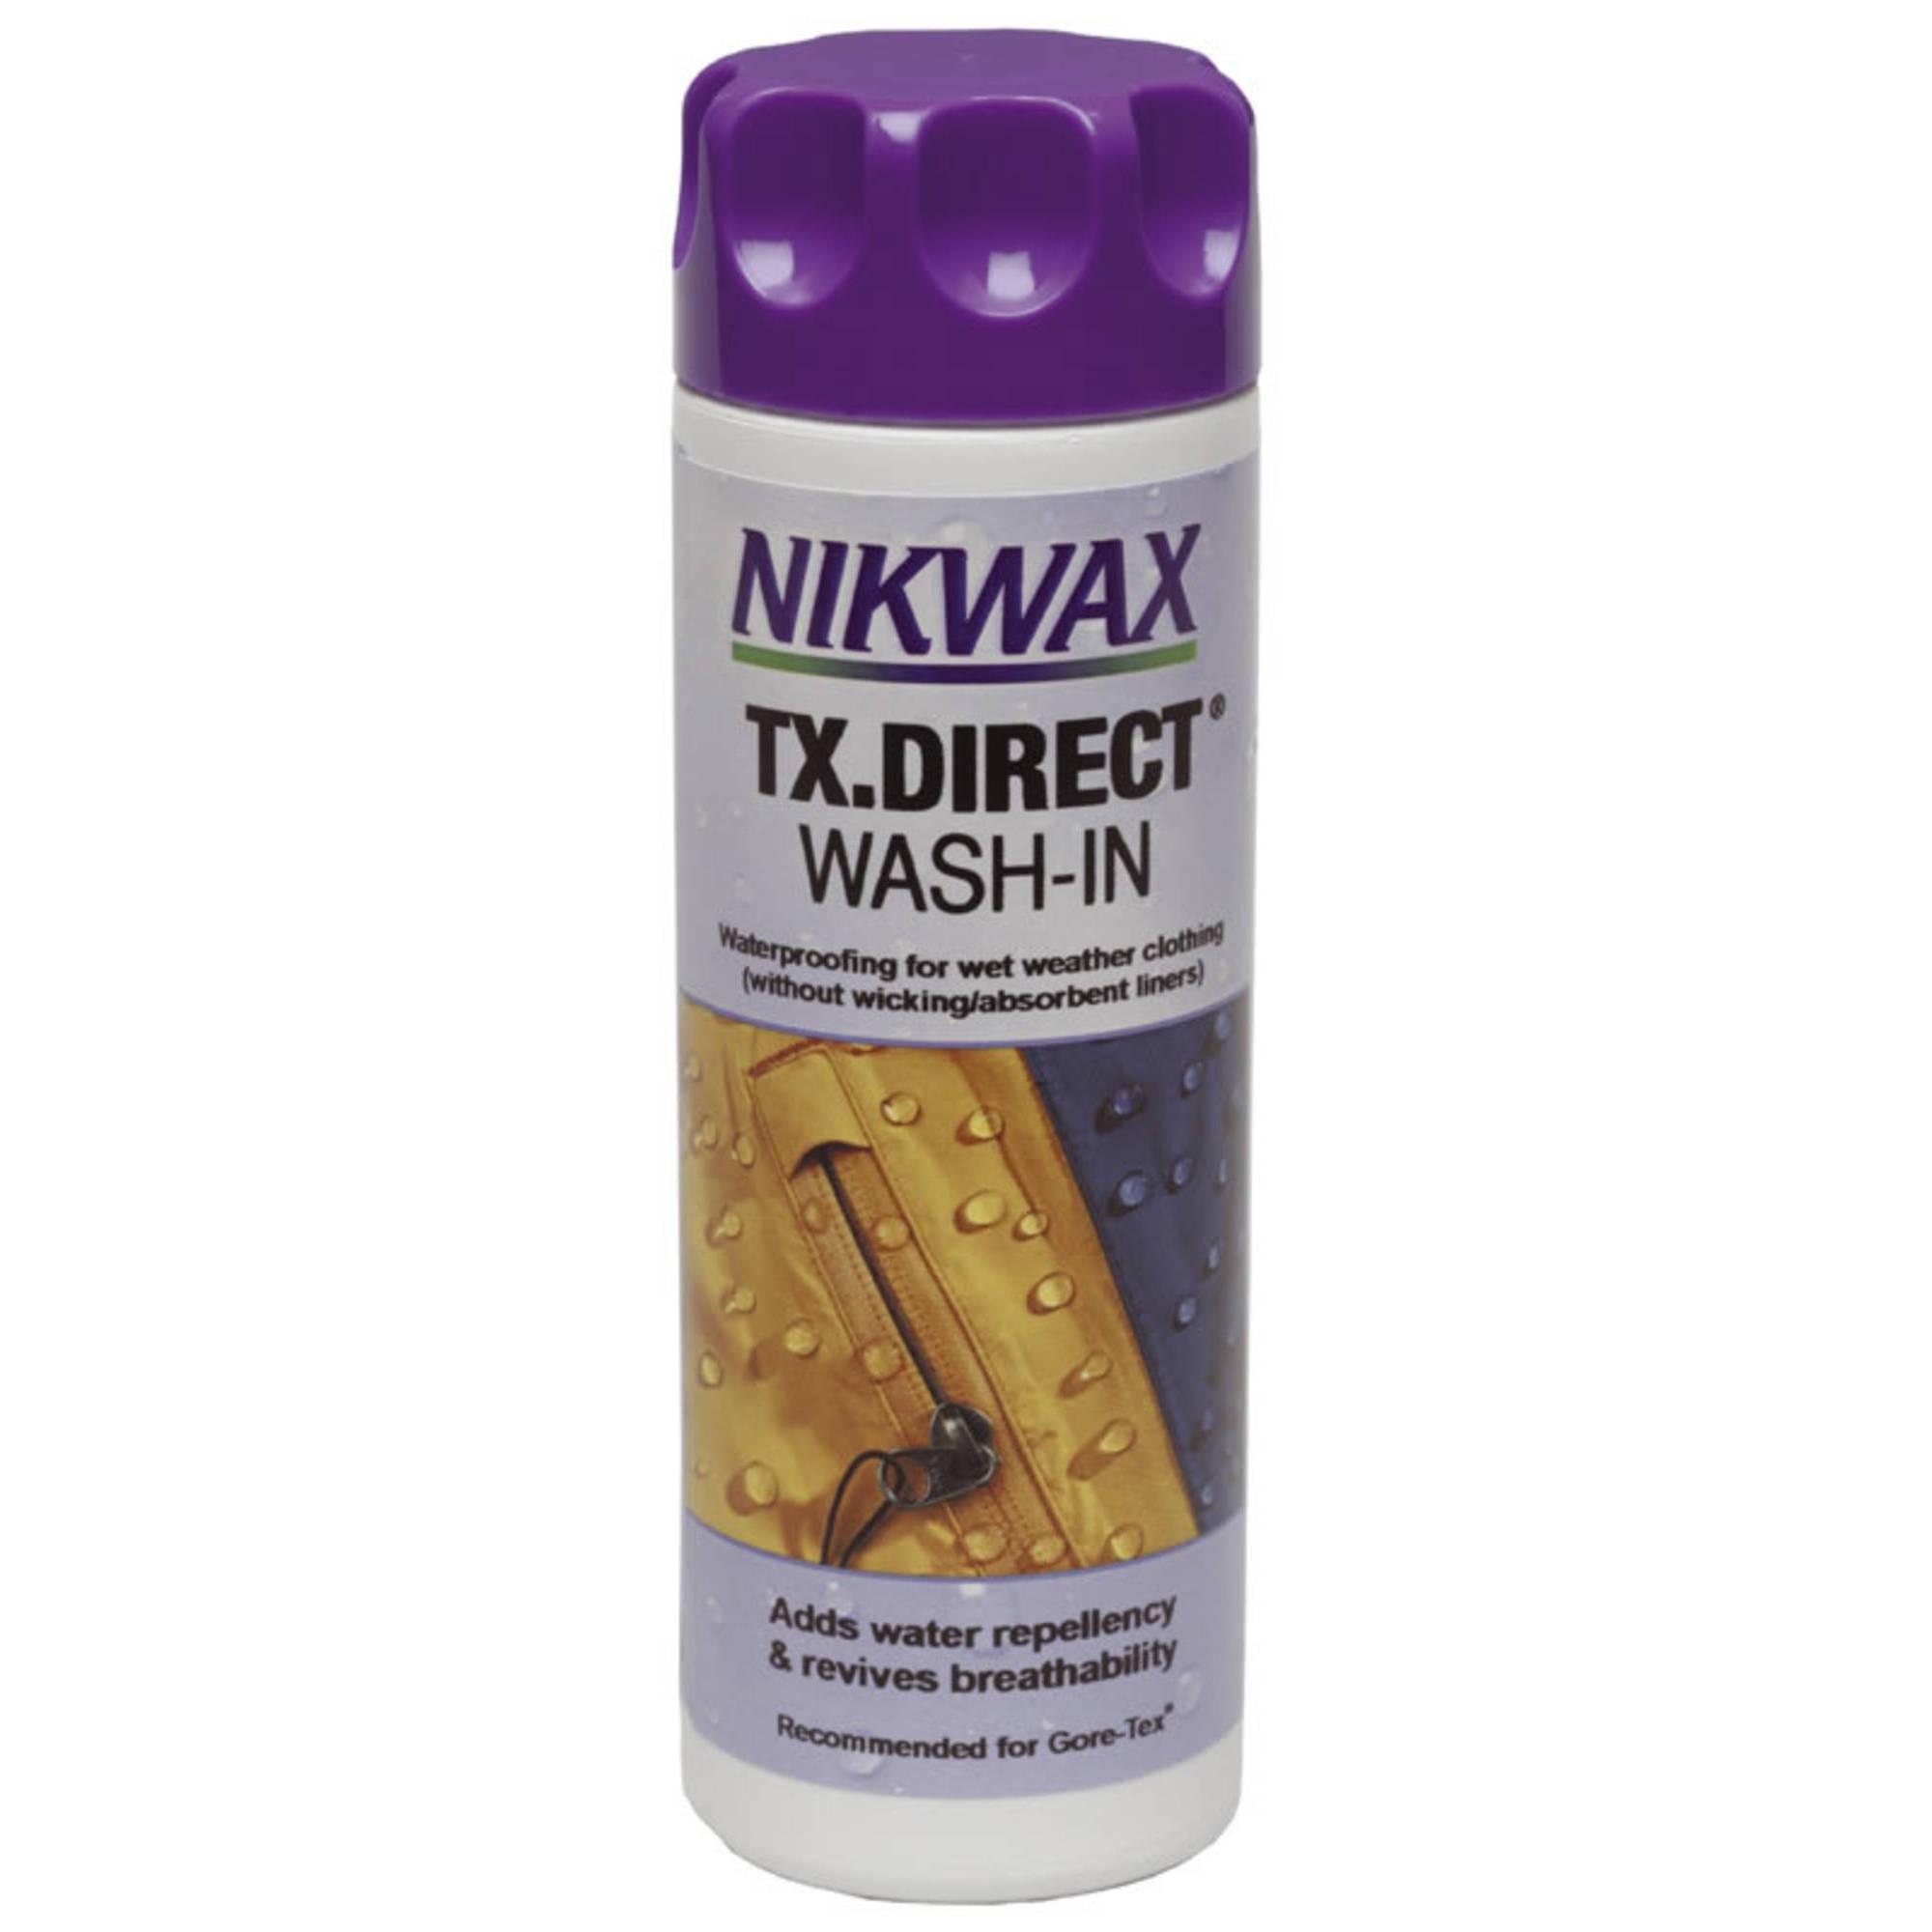 Пропитка для мембранных тканей Nikwax TX.Direct Wash-In 300 ml N25100Nikwax&amp;reg; TX.Direct&amp;reg; Wash-in - водоотталкивающая пропитка для мембранных тканей и дышащих нейлоновых материалов , для придания водоотталкивающих свойств одежде и снаряжению.<br><br>Вид: Пропитка<br>Назначение: Синтетические материалы<br>Объем мл: 300<br>Тип: Для одежды